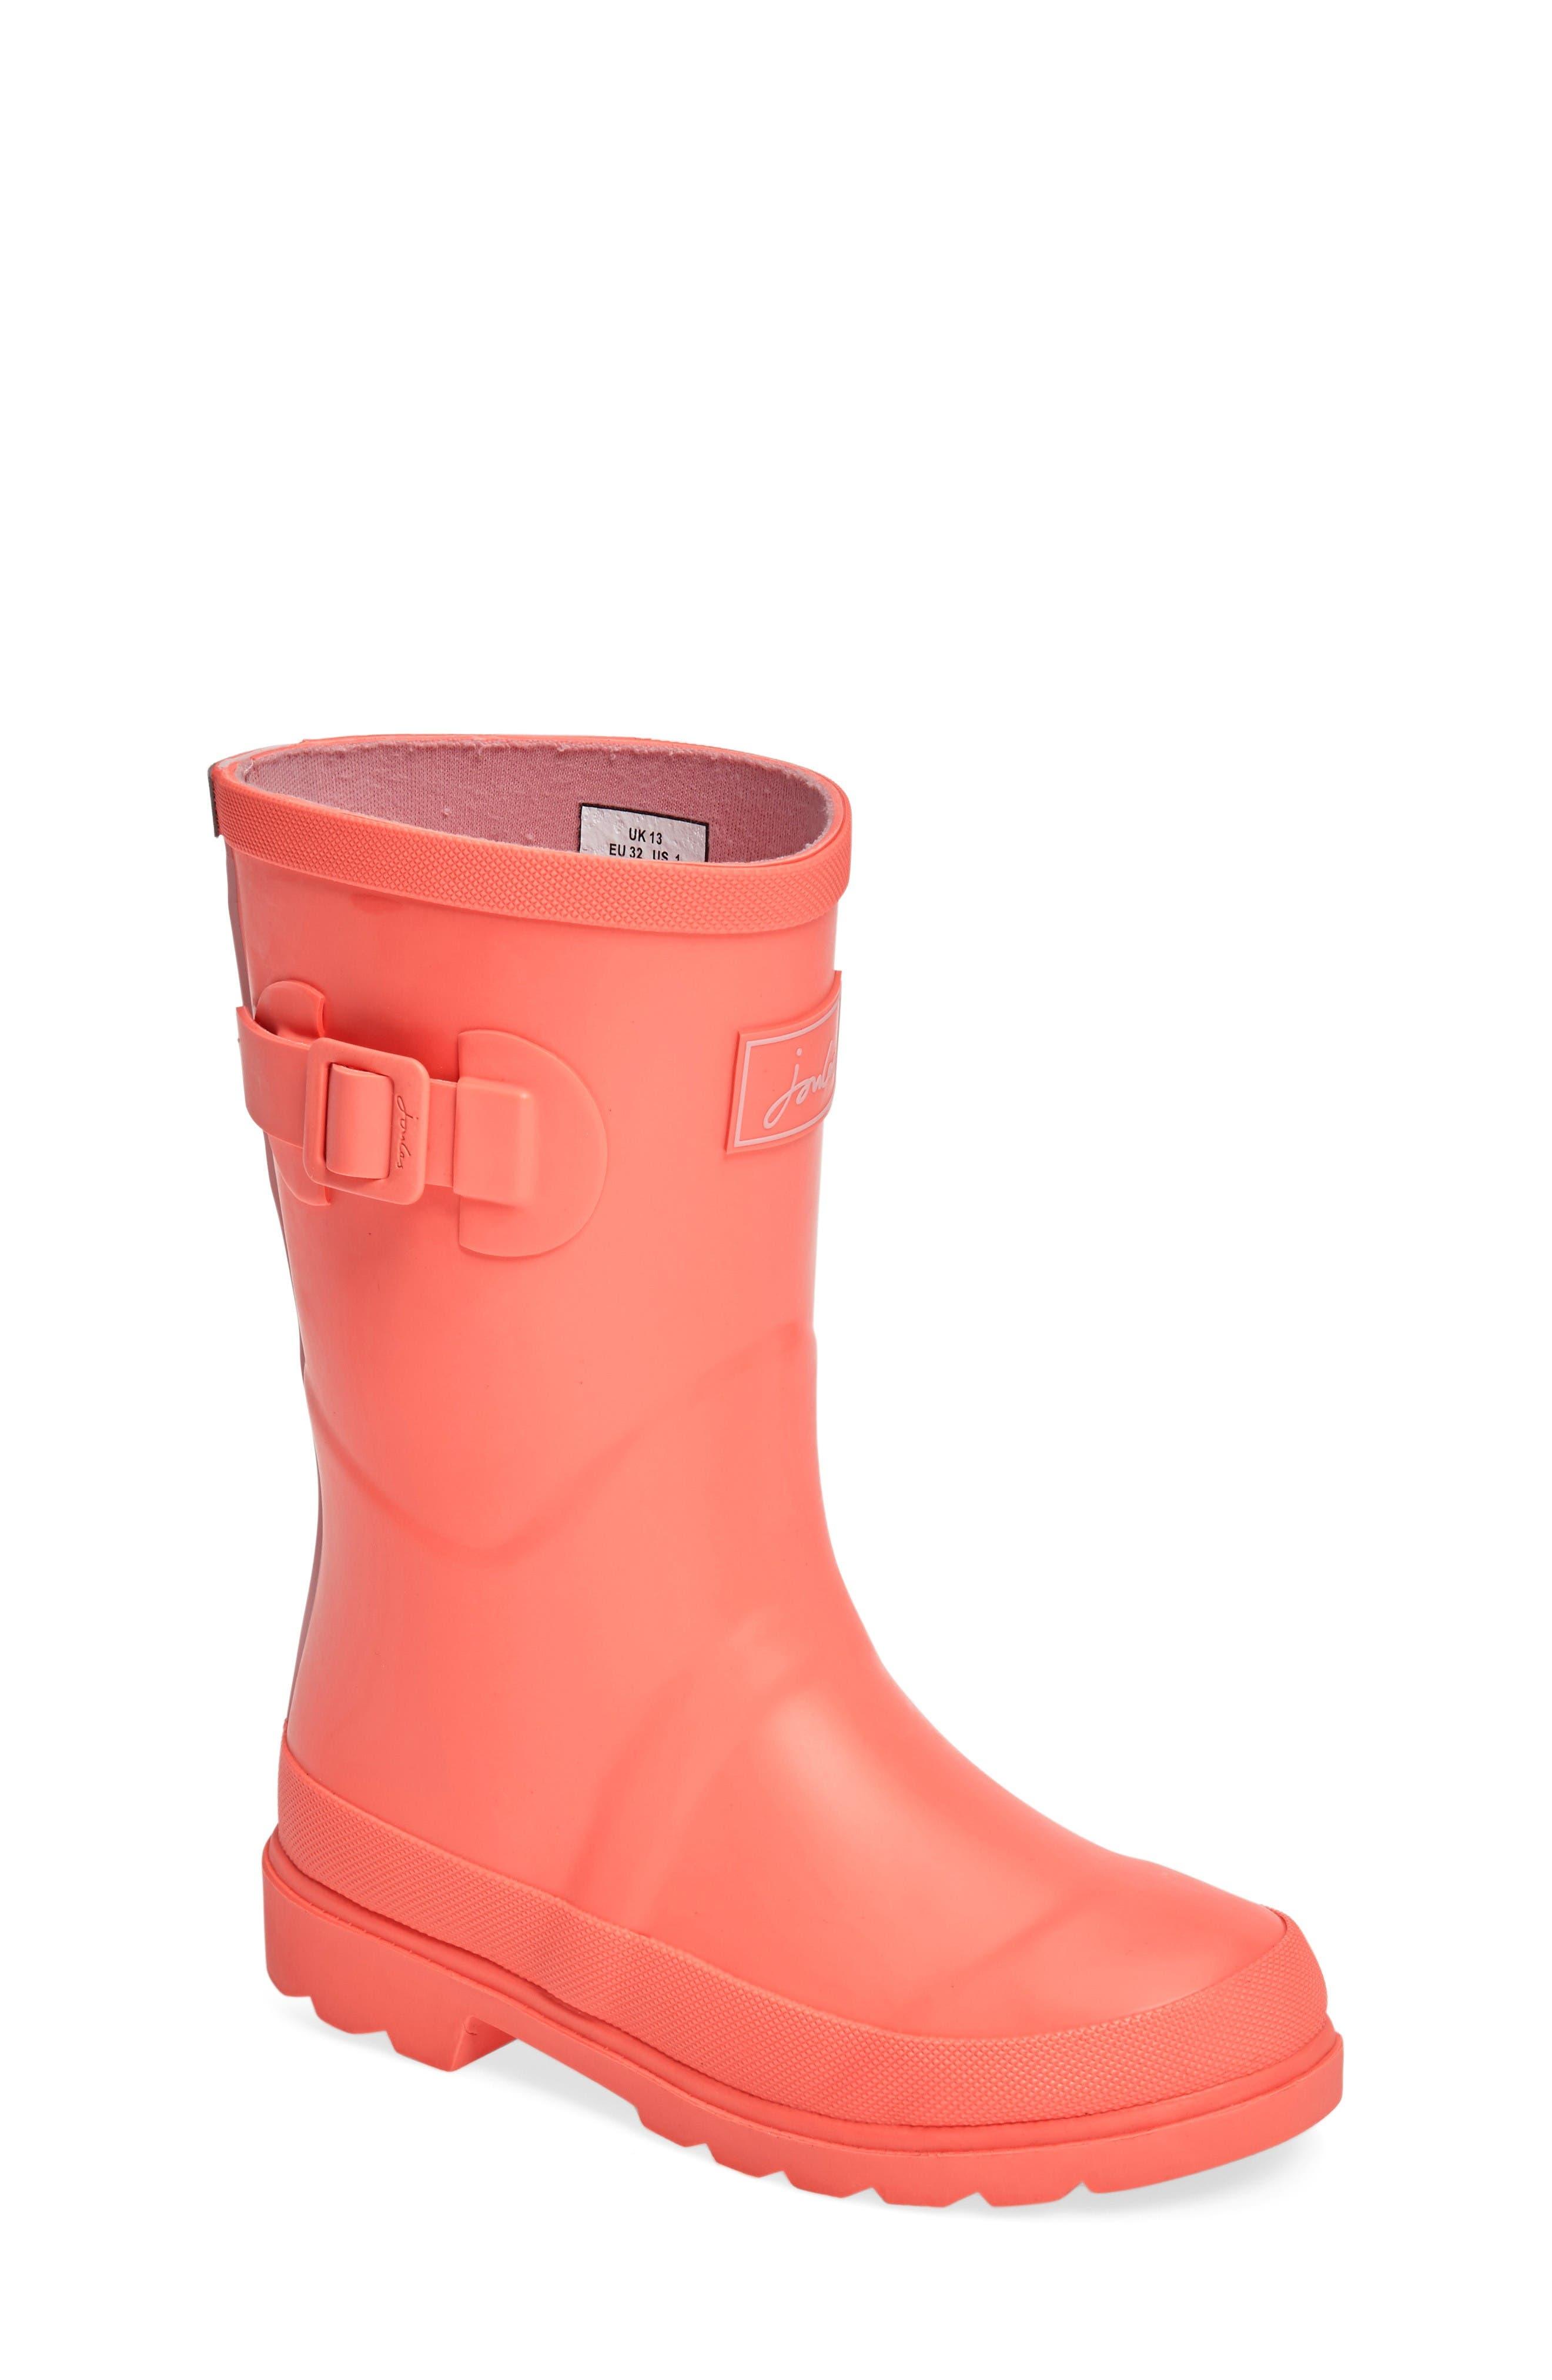 JOULES Field Welly Waterproof Rain Boot